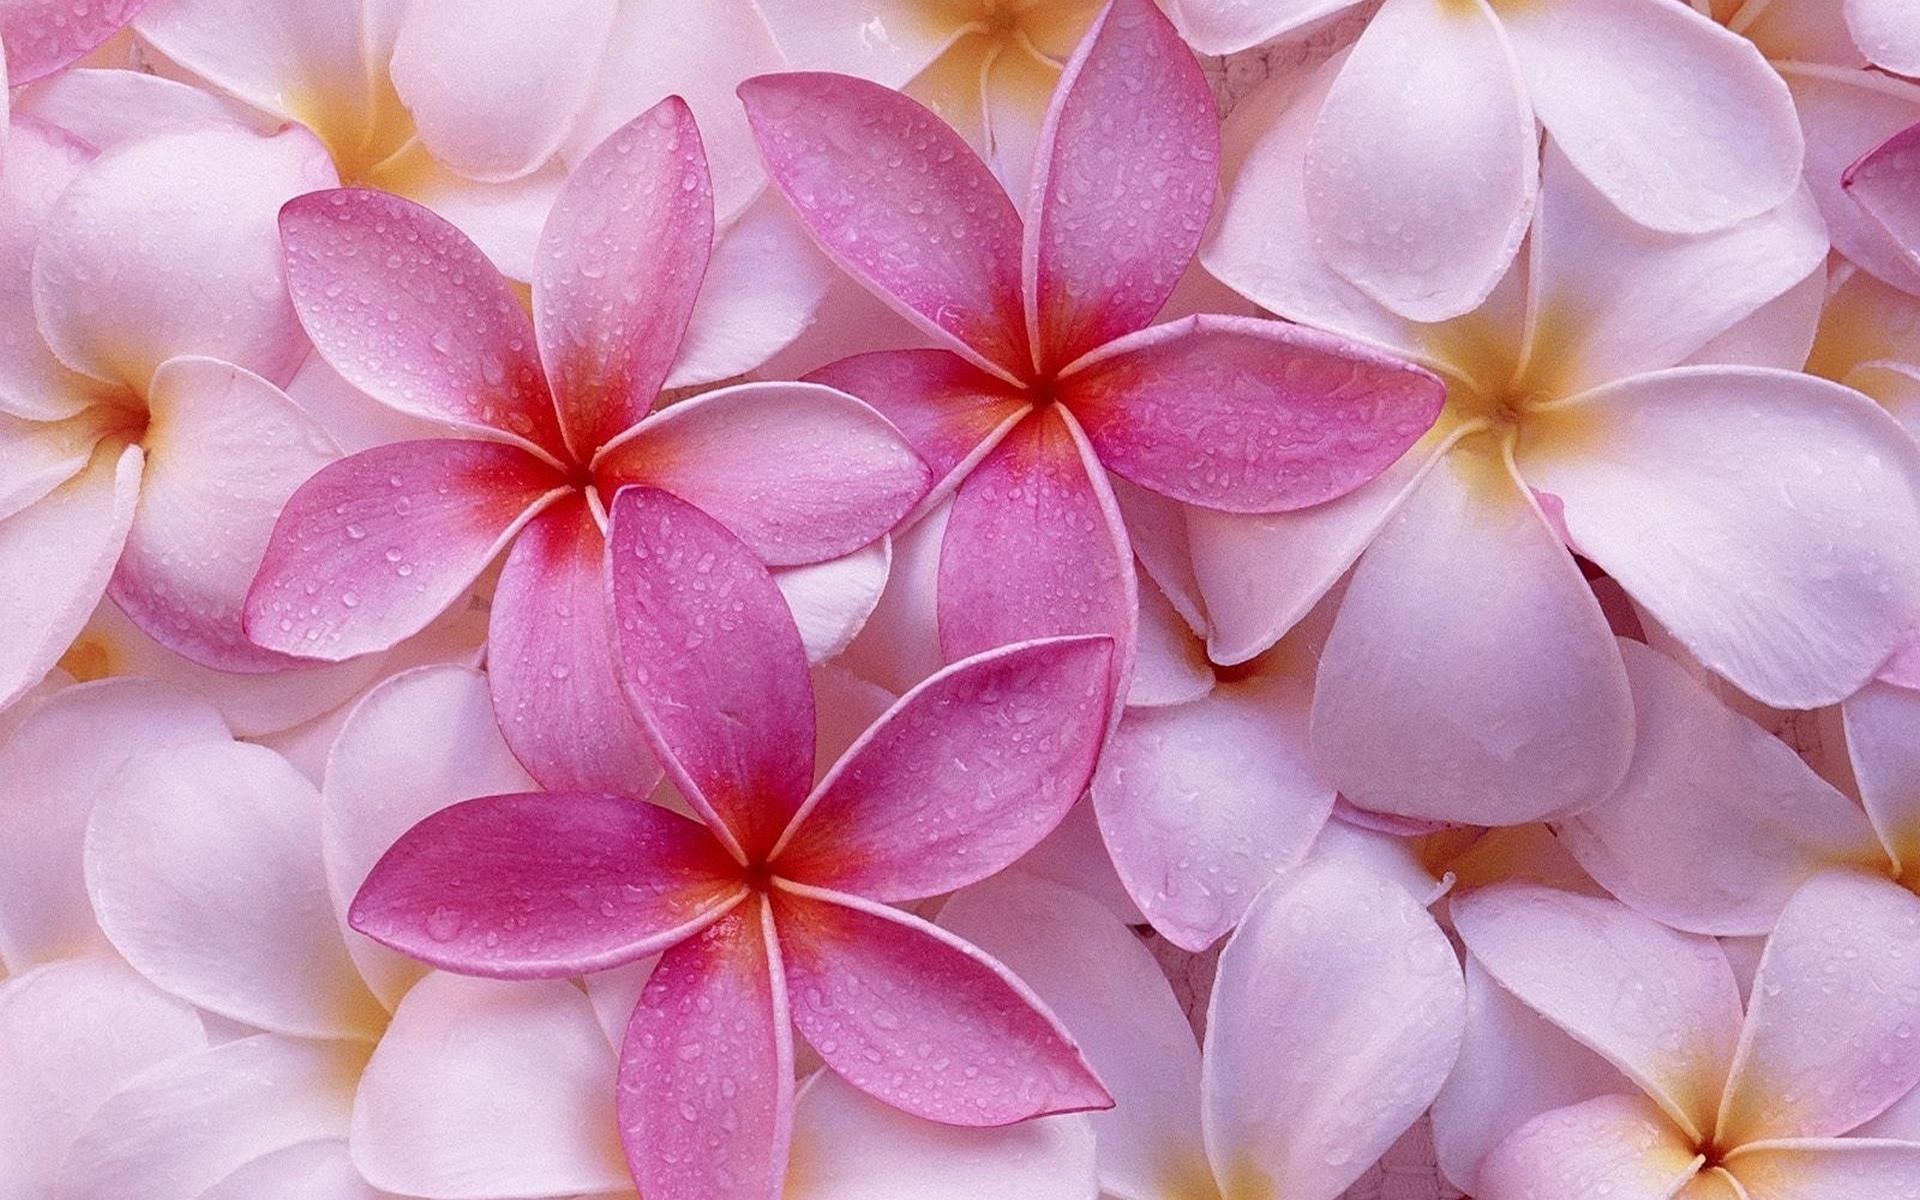 Красивые картинки цветов розовых